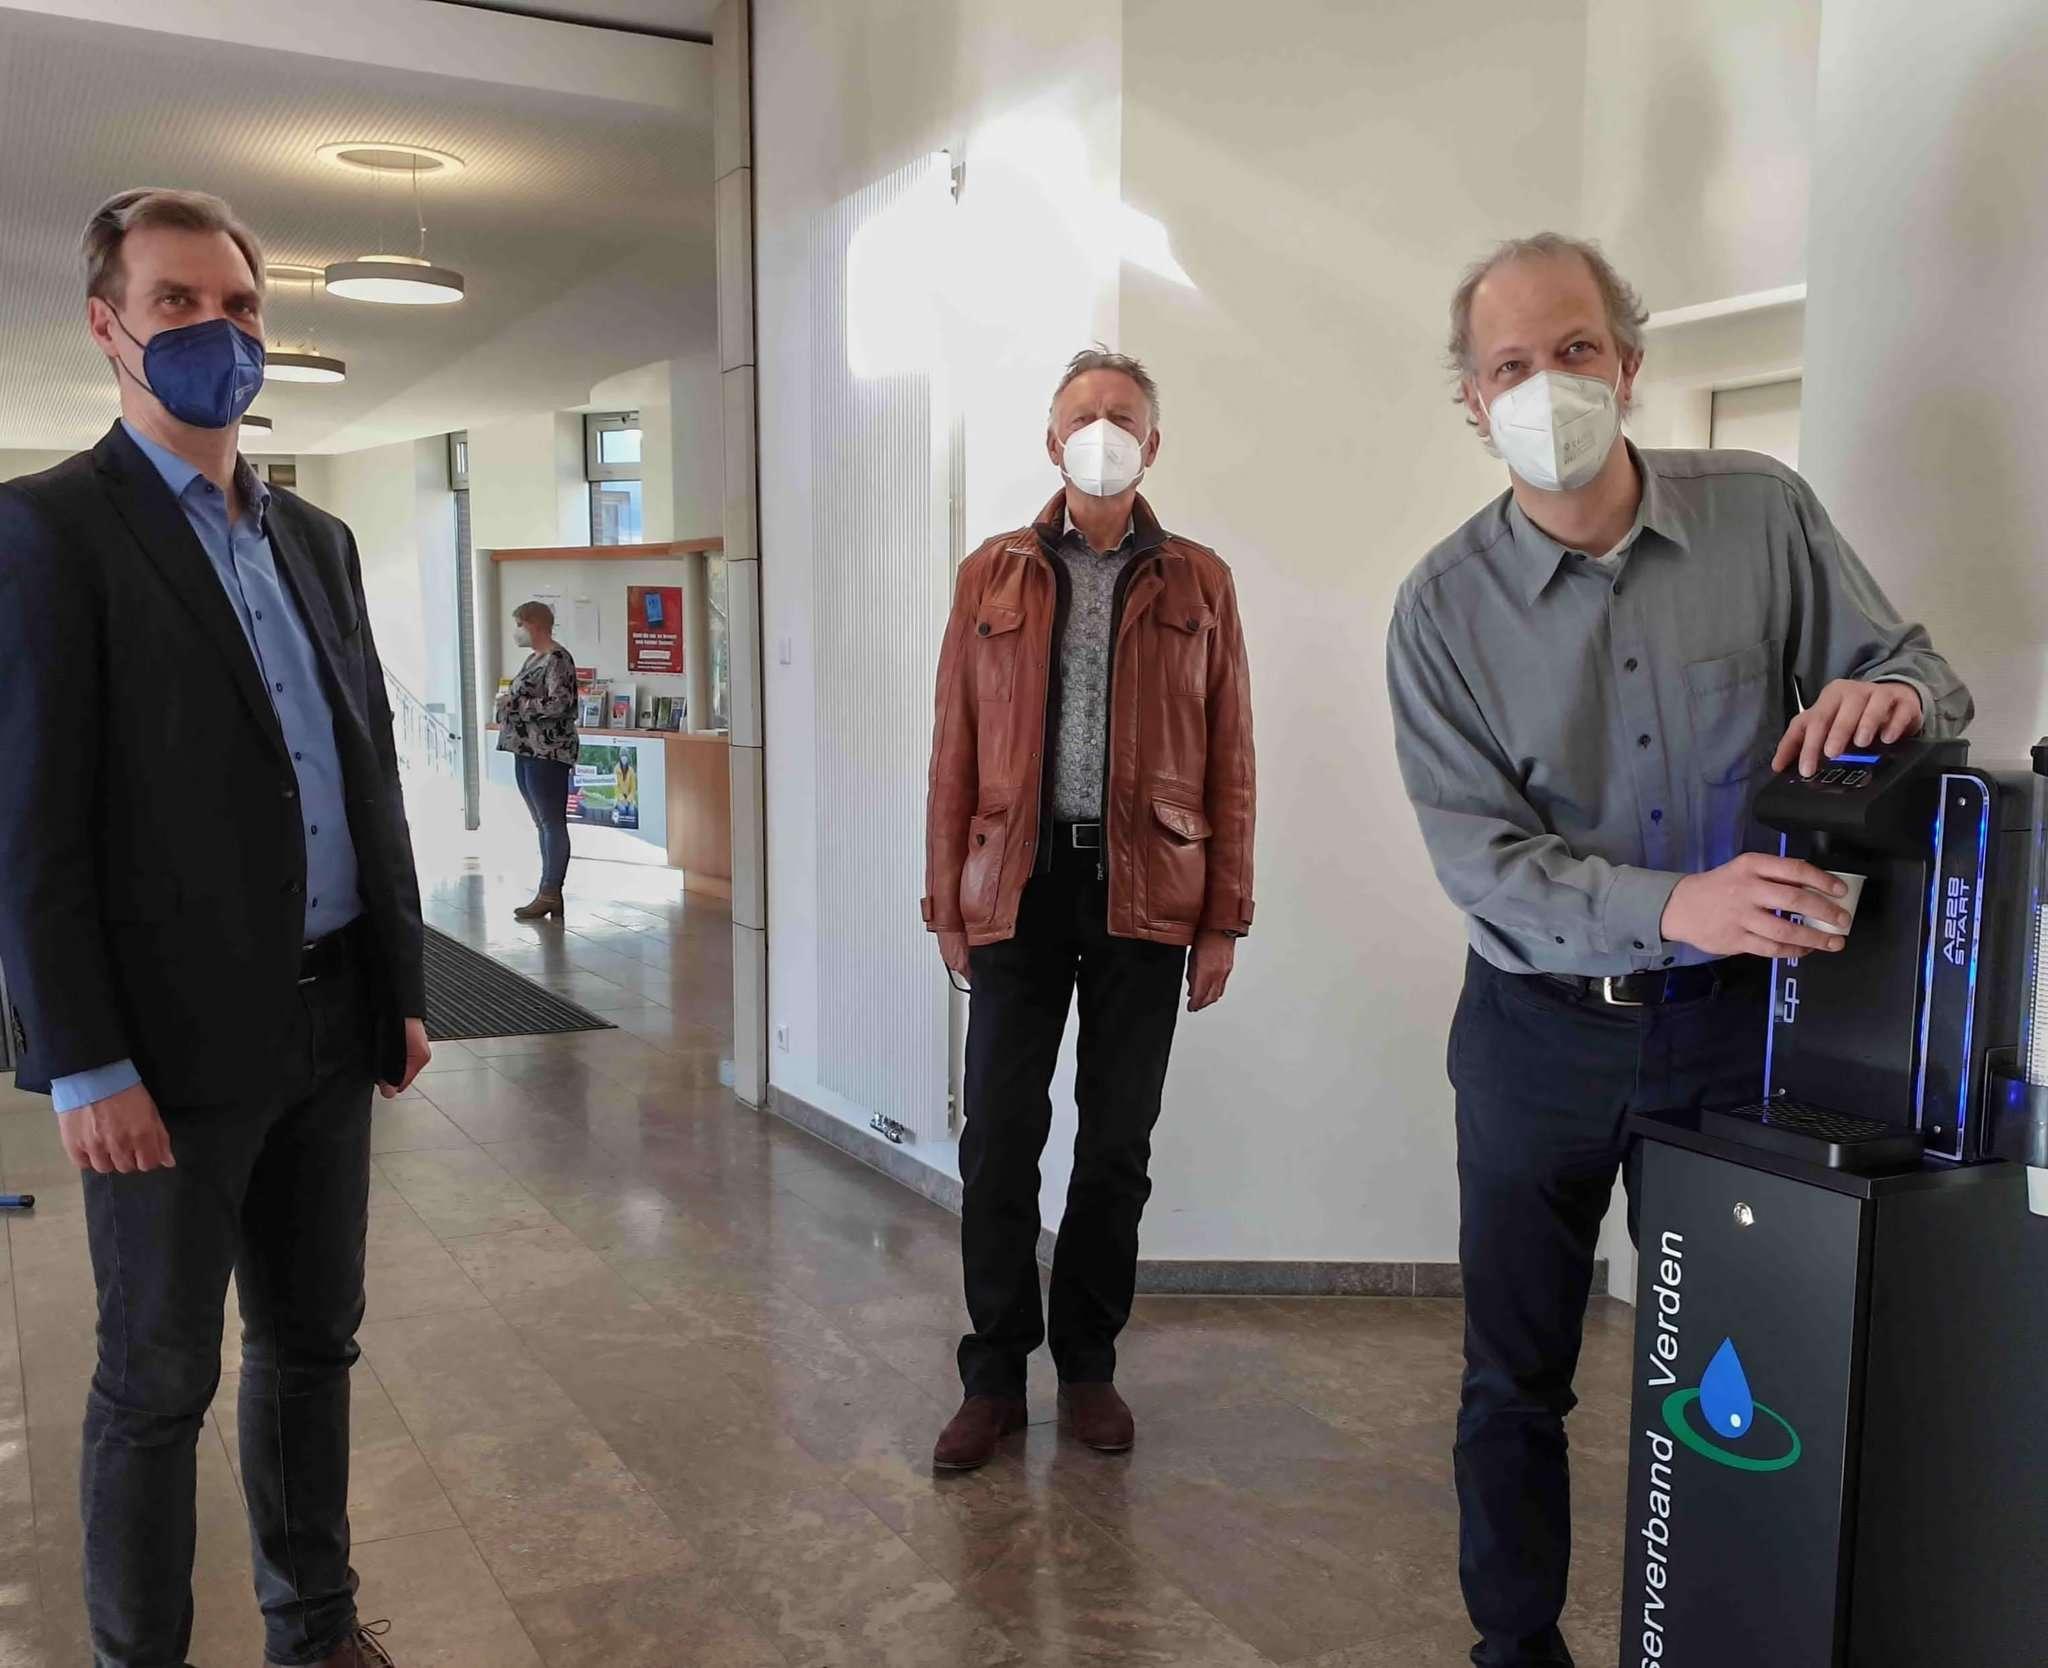 Freuen sich über den neuen Wasserspender im Rathaus: Stefan Hamann (von links), Werner Meinken und Bürgermeister Tim Willy Weber. Foto: Tobias Woelki